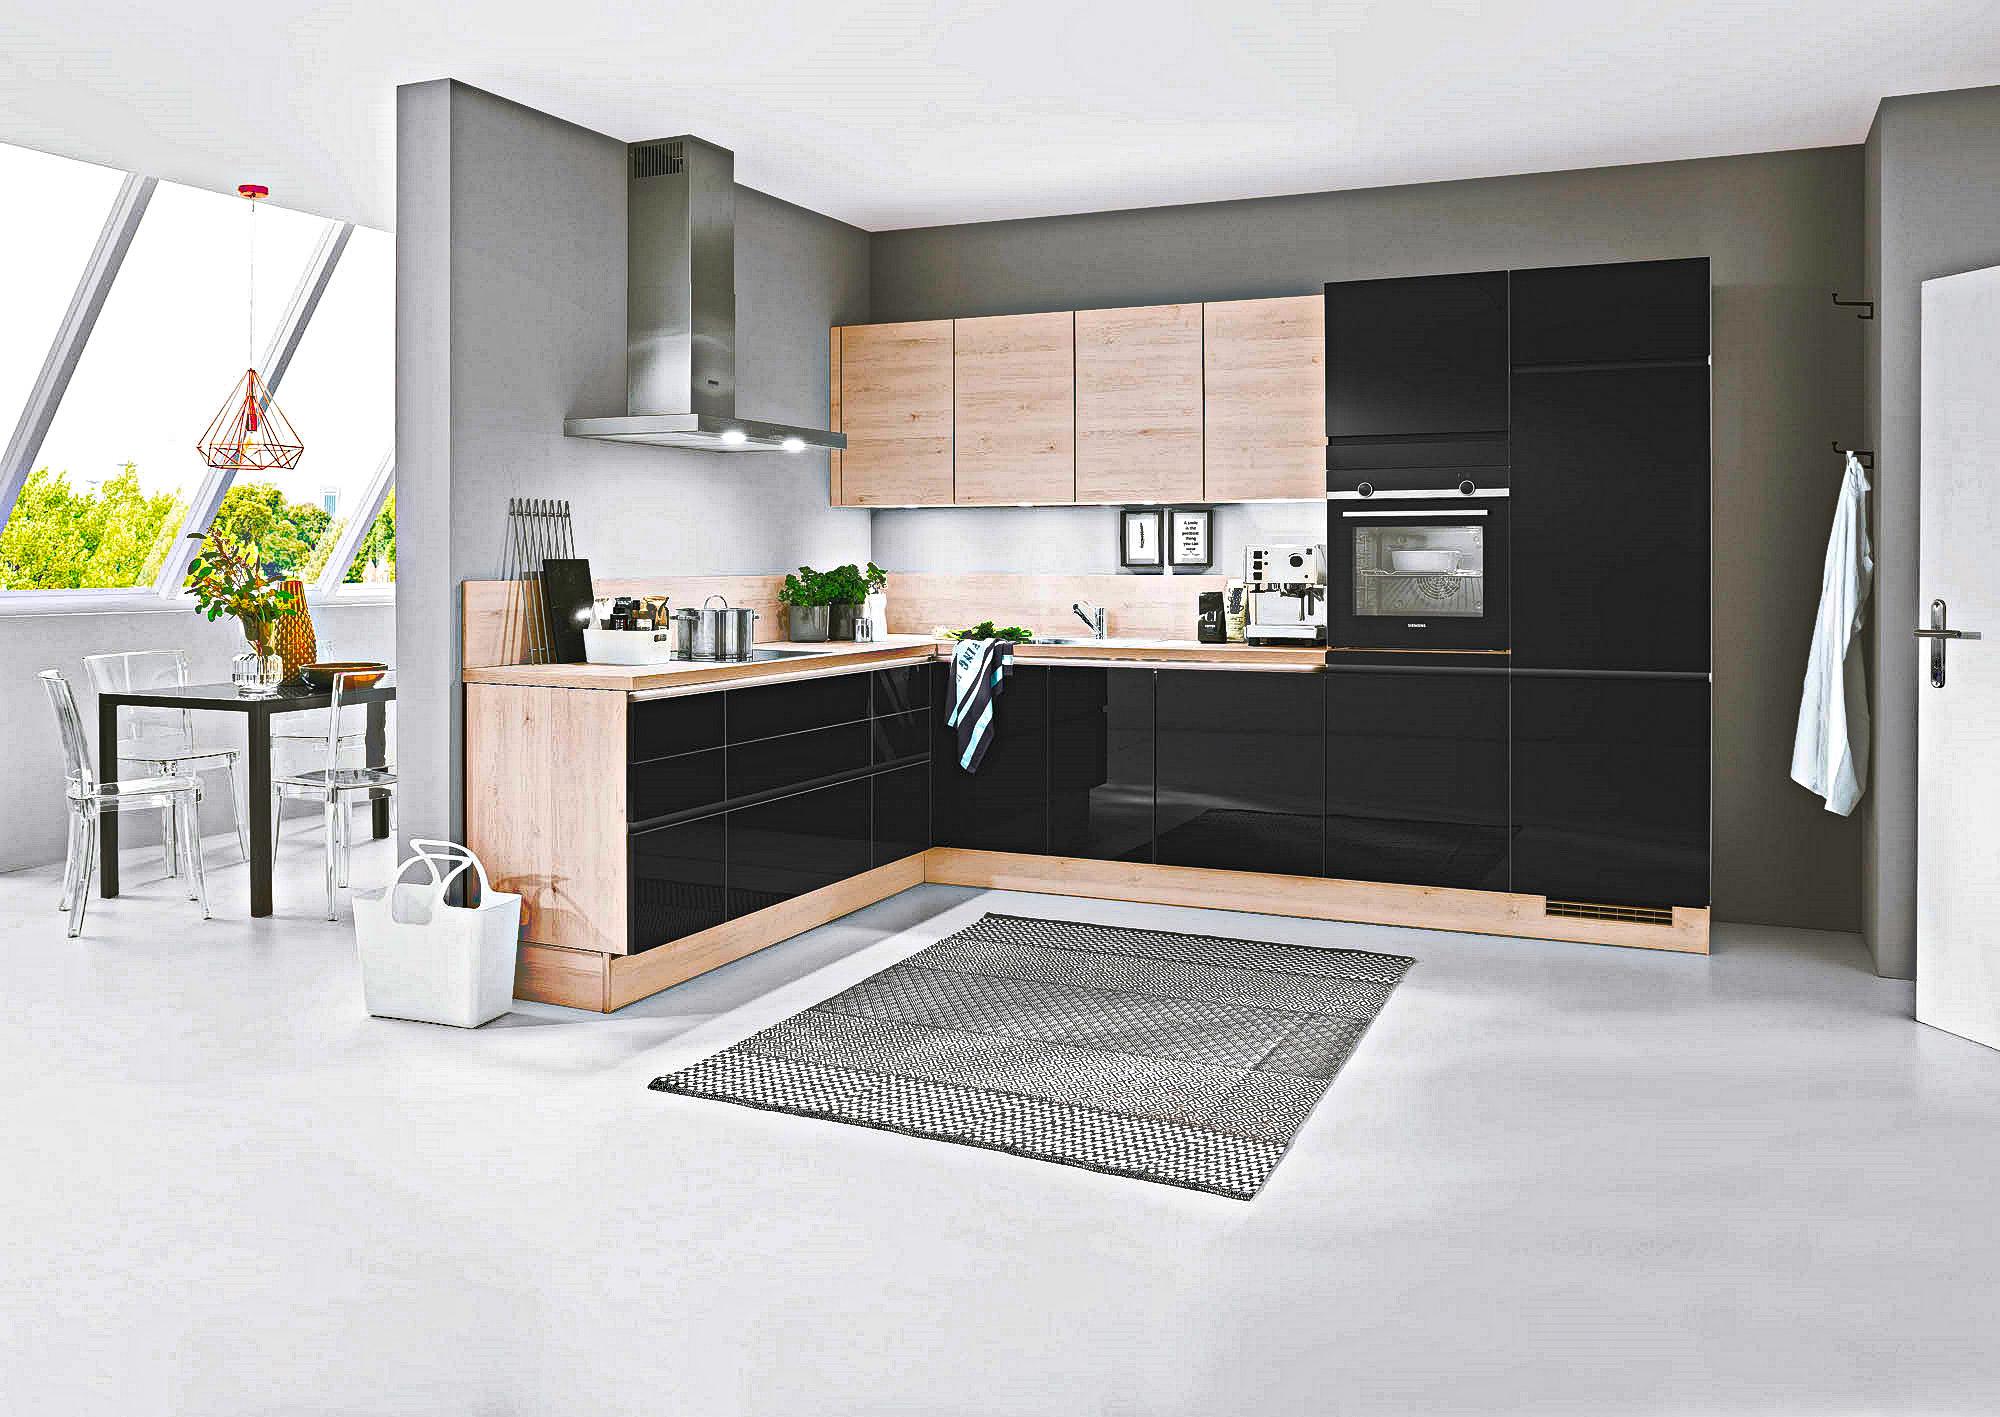 Full Size of Kleine Einbauküche Poco Kleine Einbauküche Otto Kleine Einbauküche Mit Waschmaschine Kleine Einbauküche Mit Elektrogeräten Küche Kleine Einbauküche